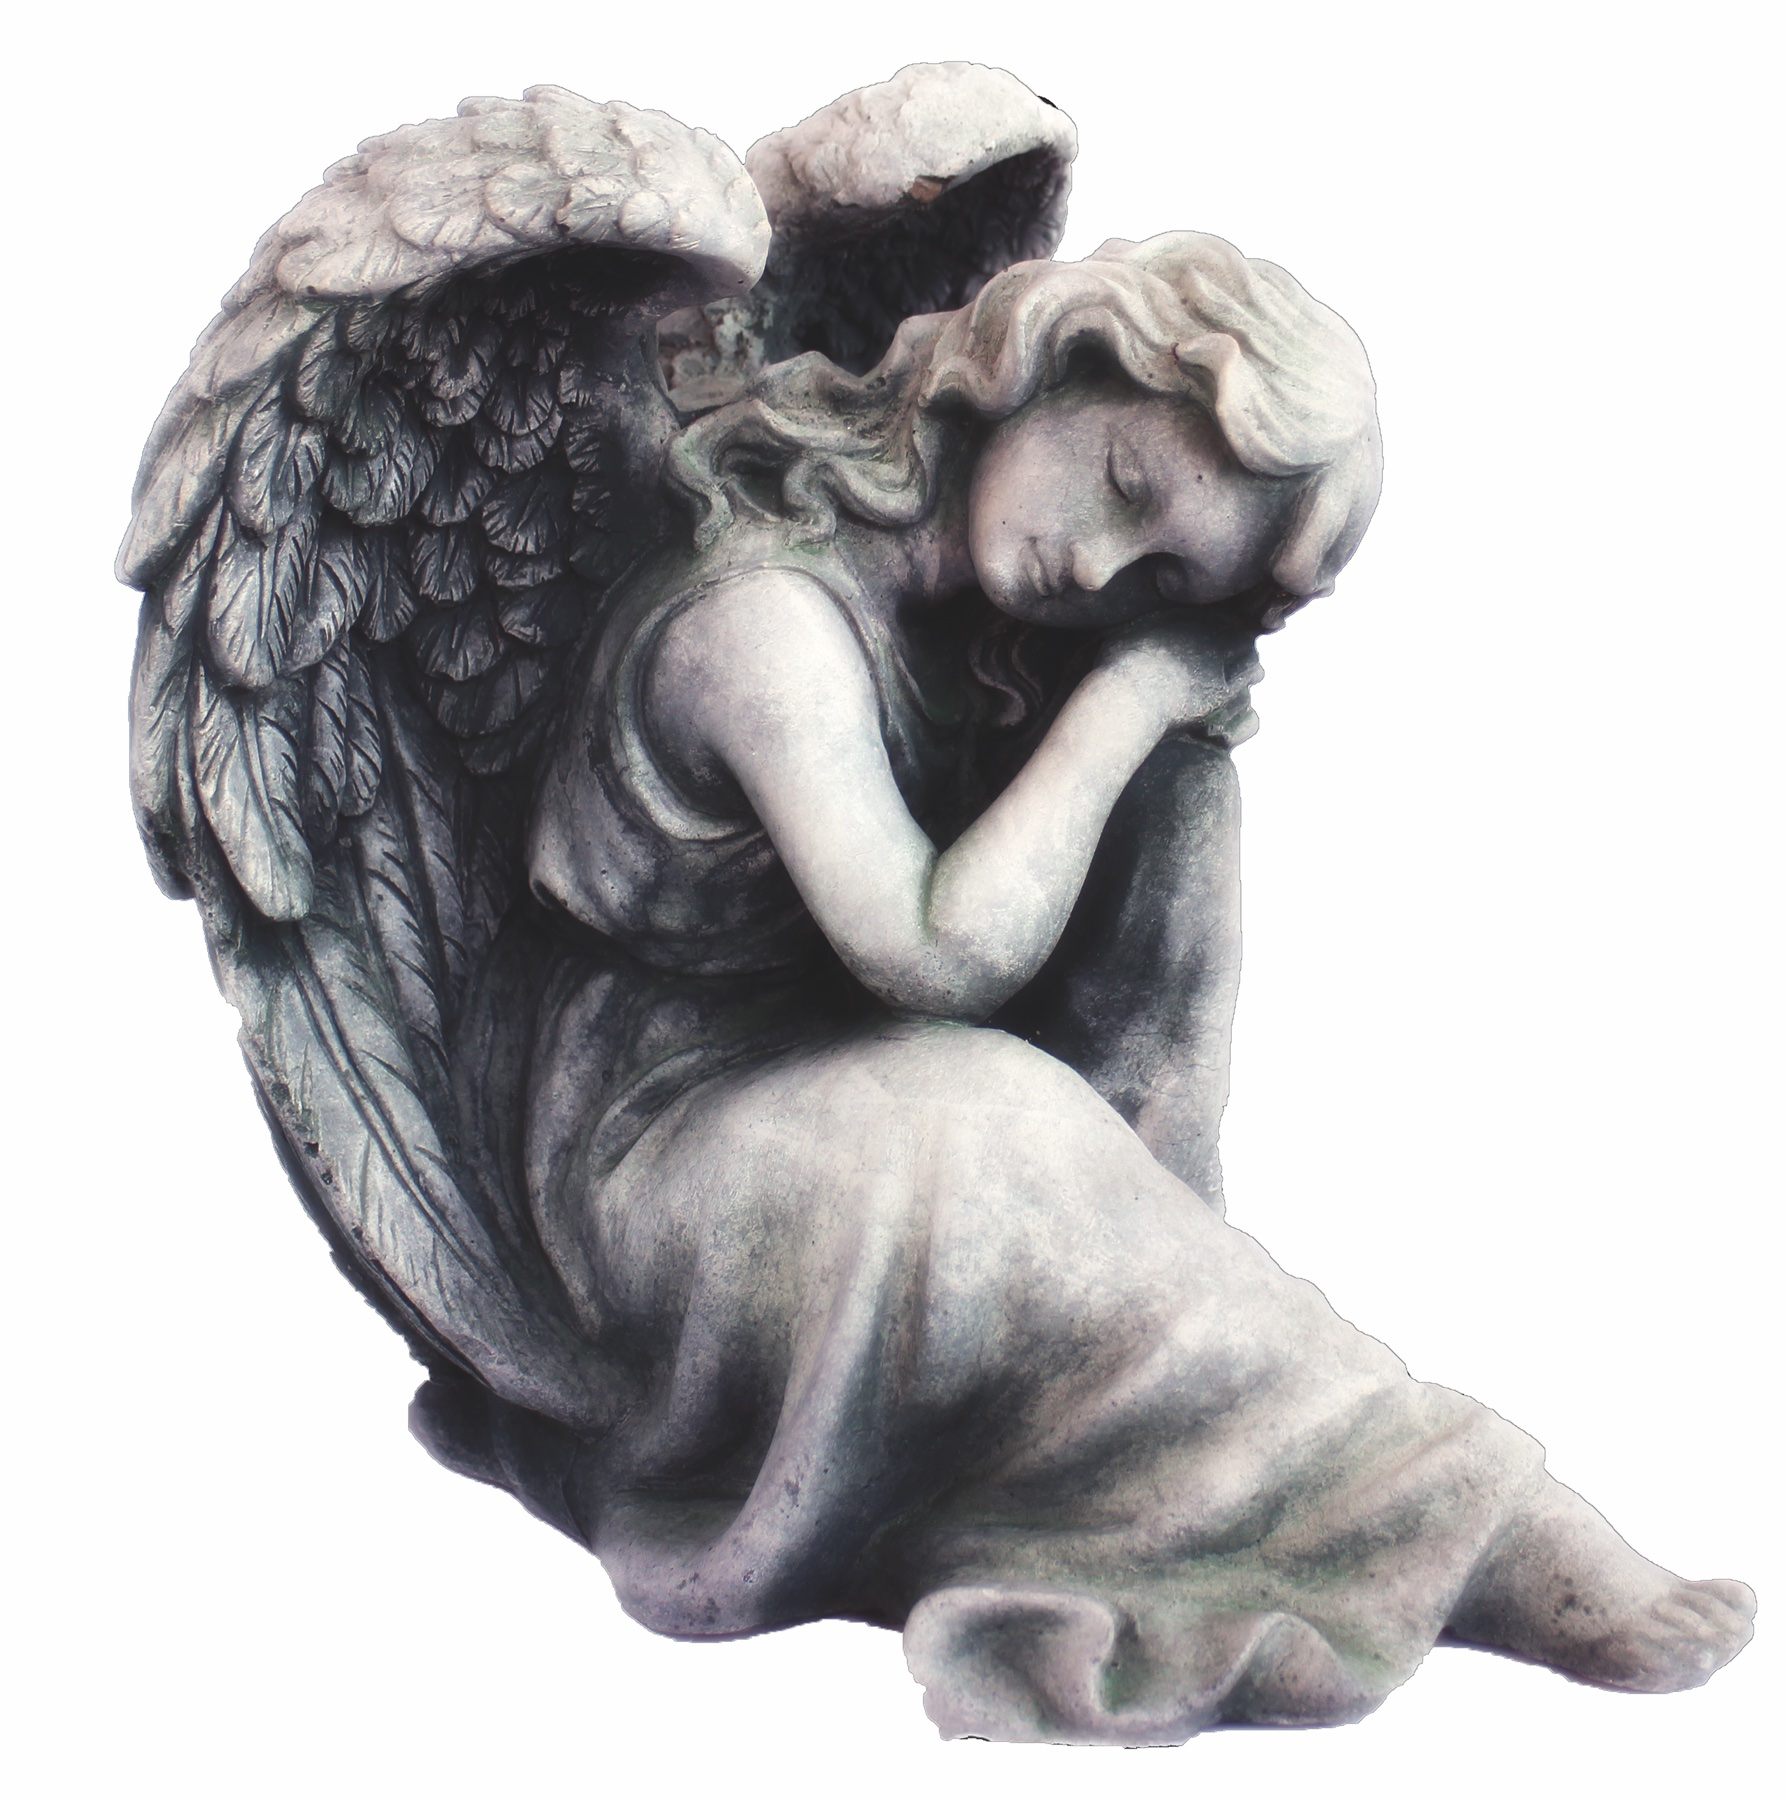 FF201908-engel